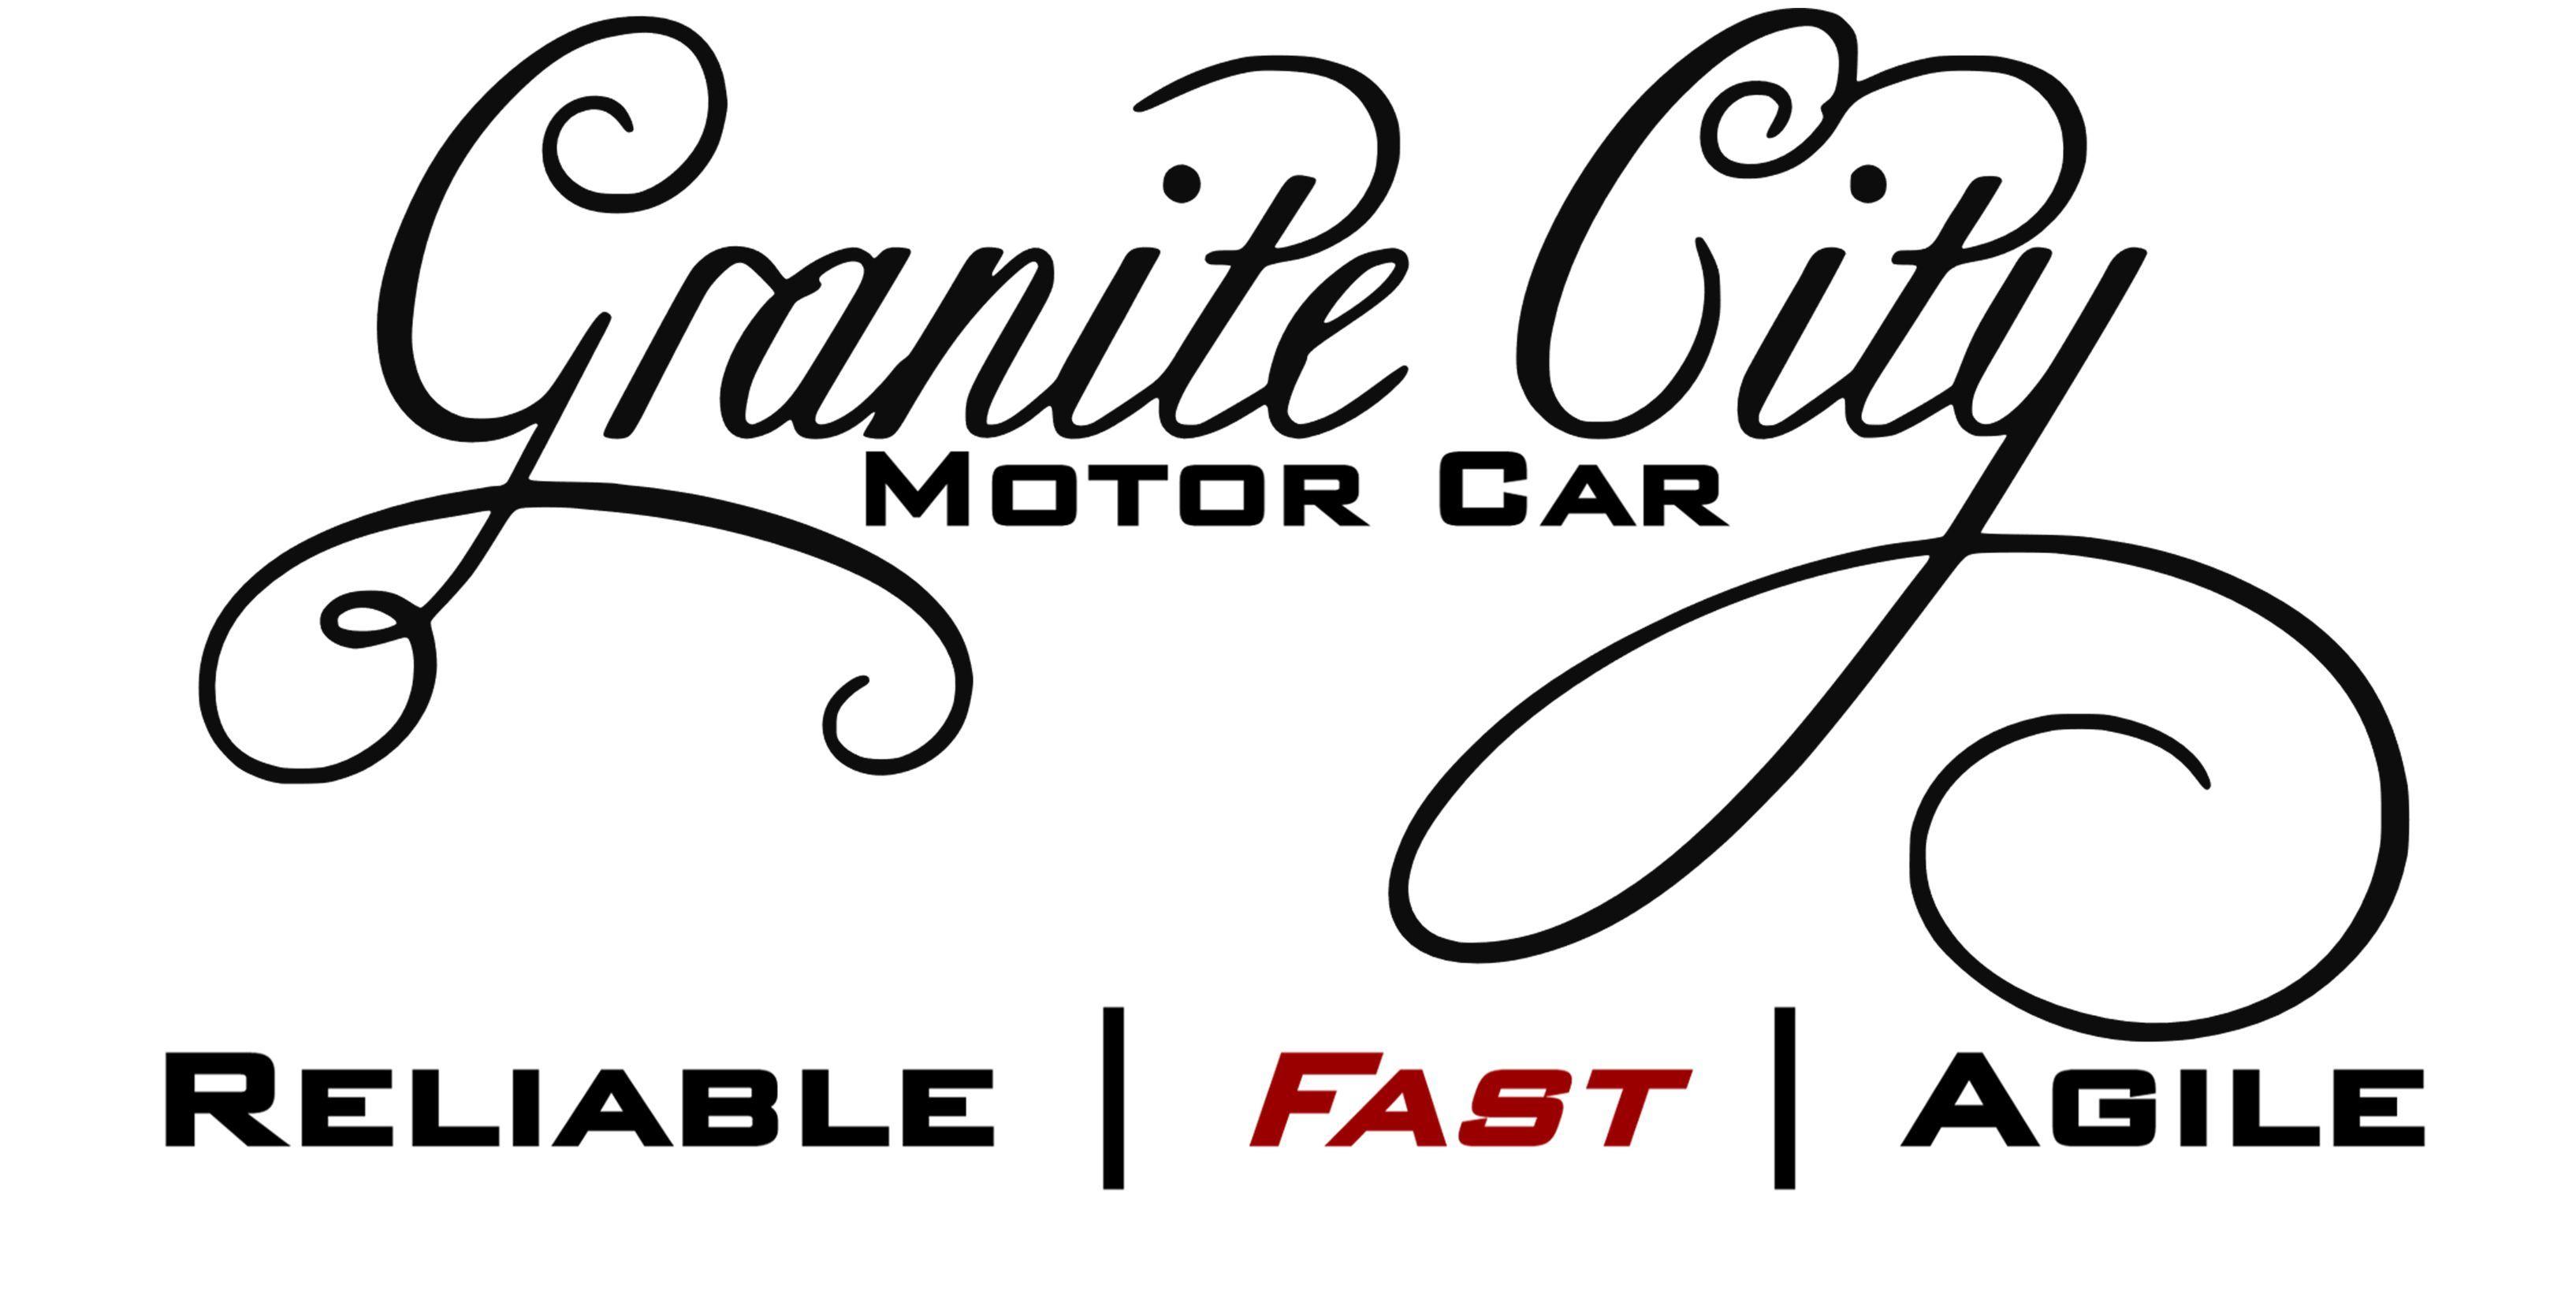 Granite City Motor Car